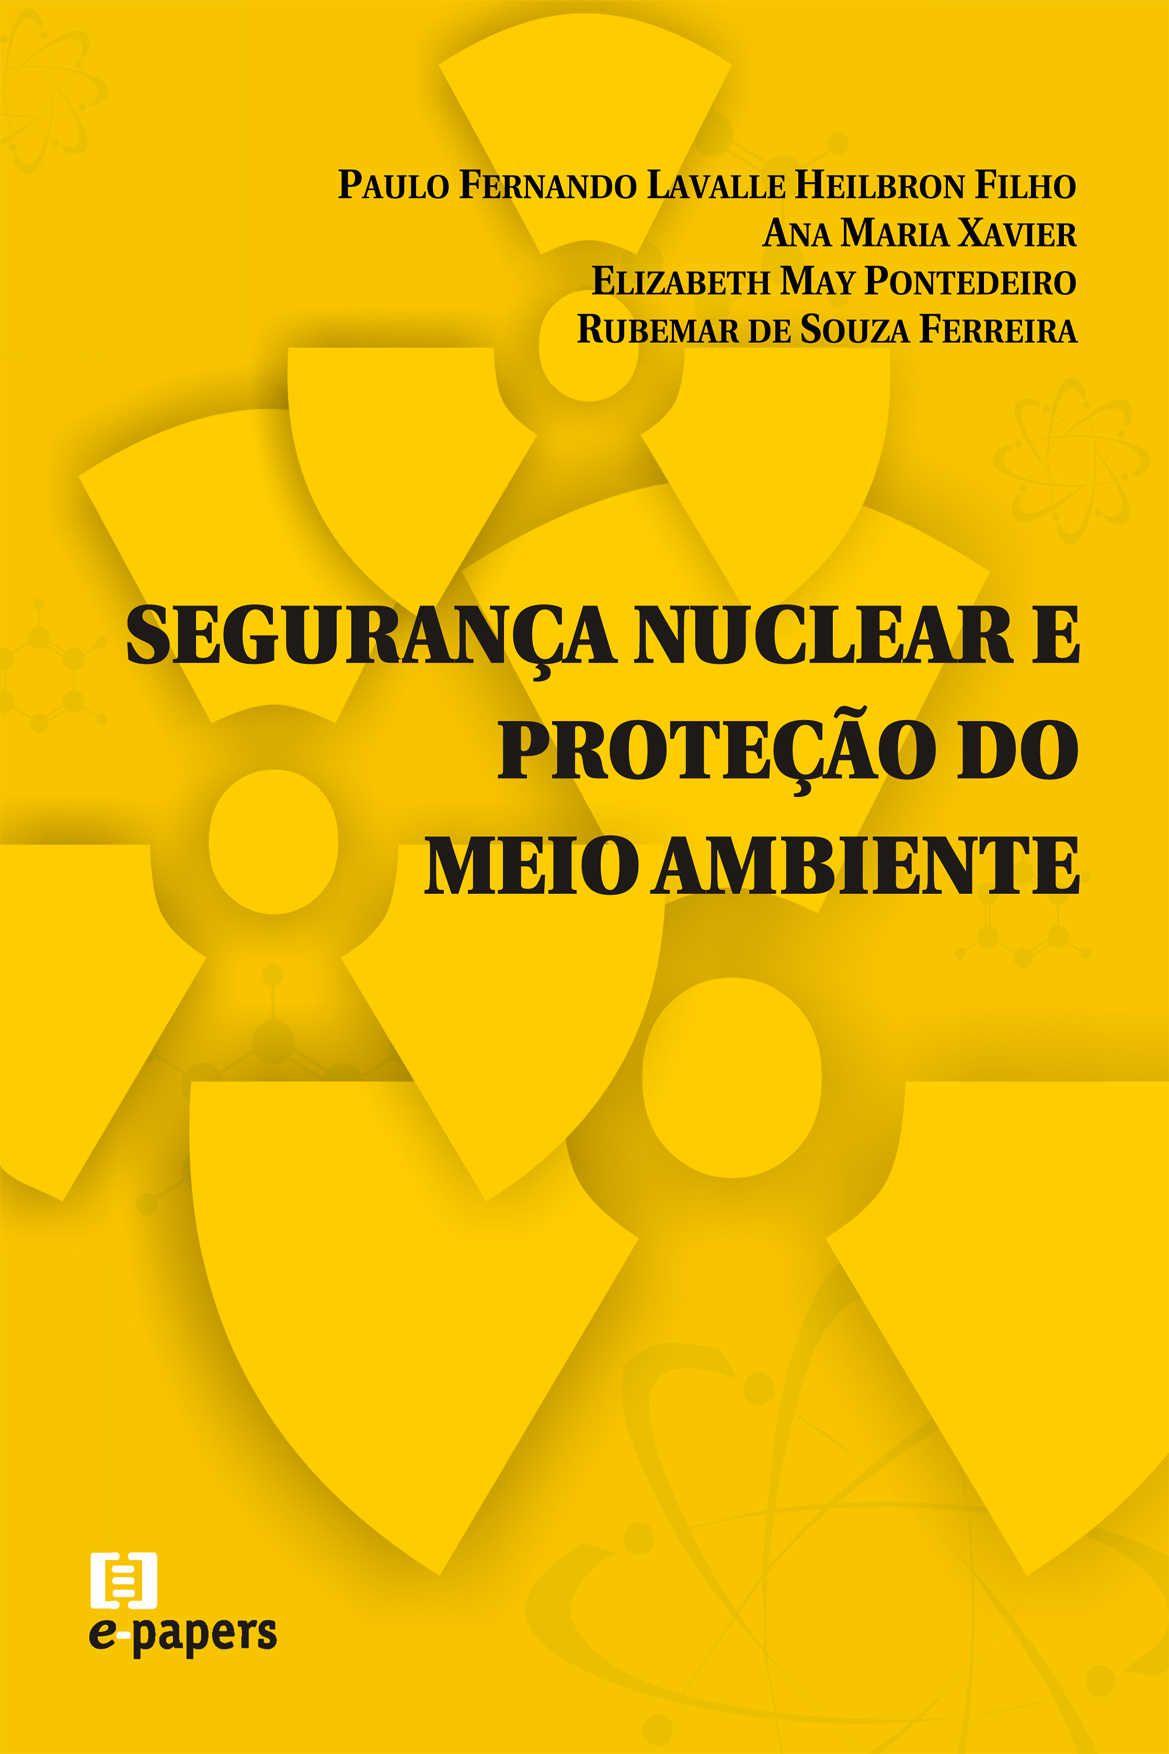 Segurança Nuclear e Proteção do Meio Ambiente